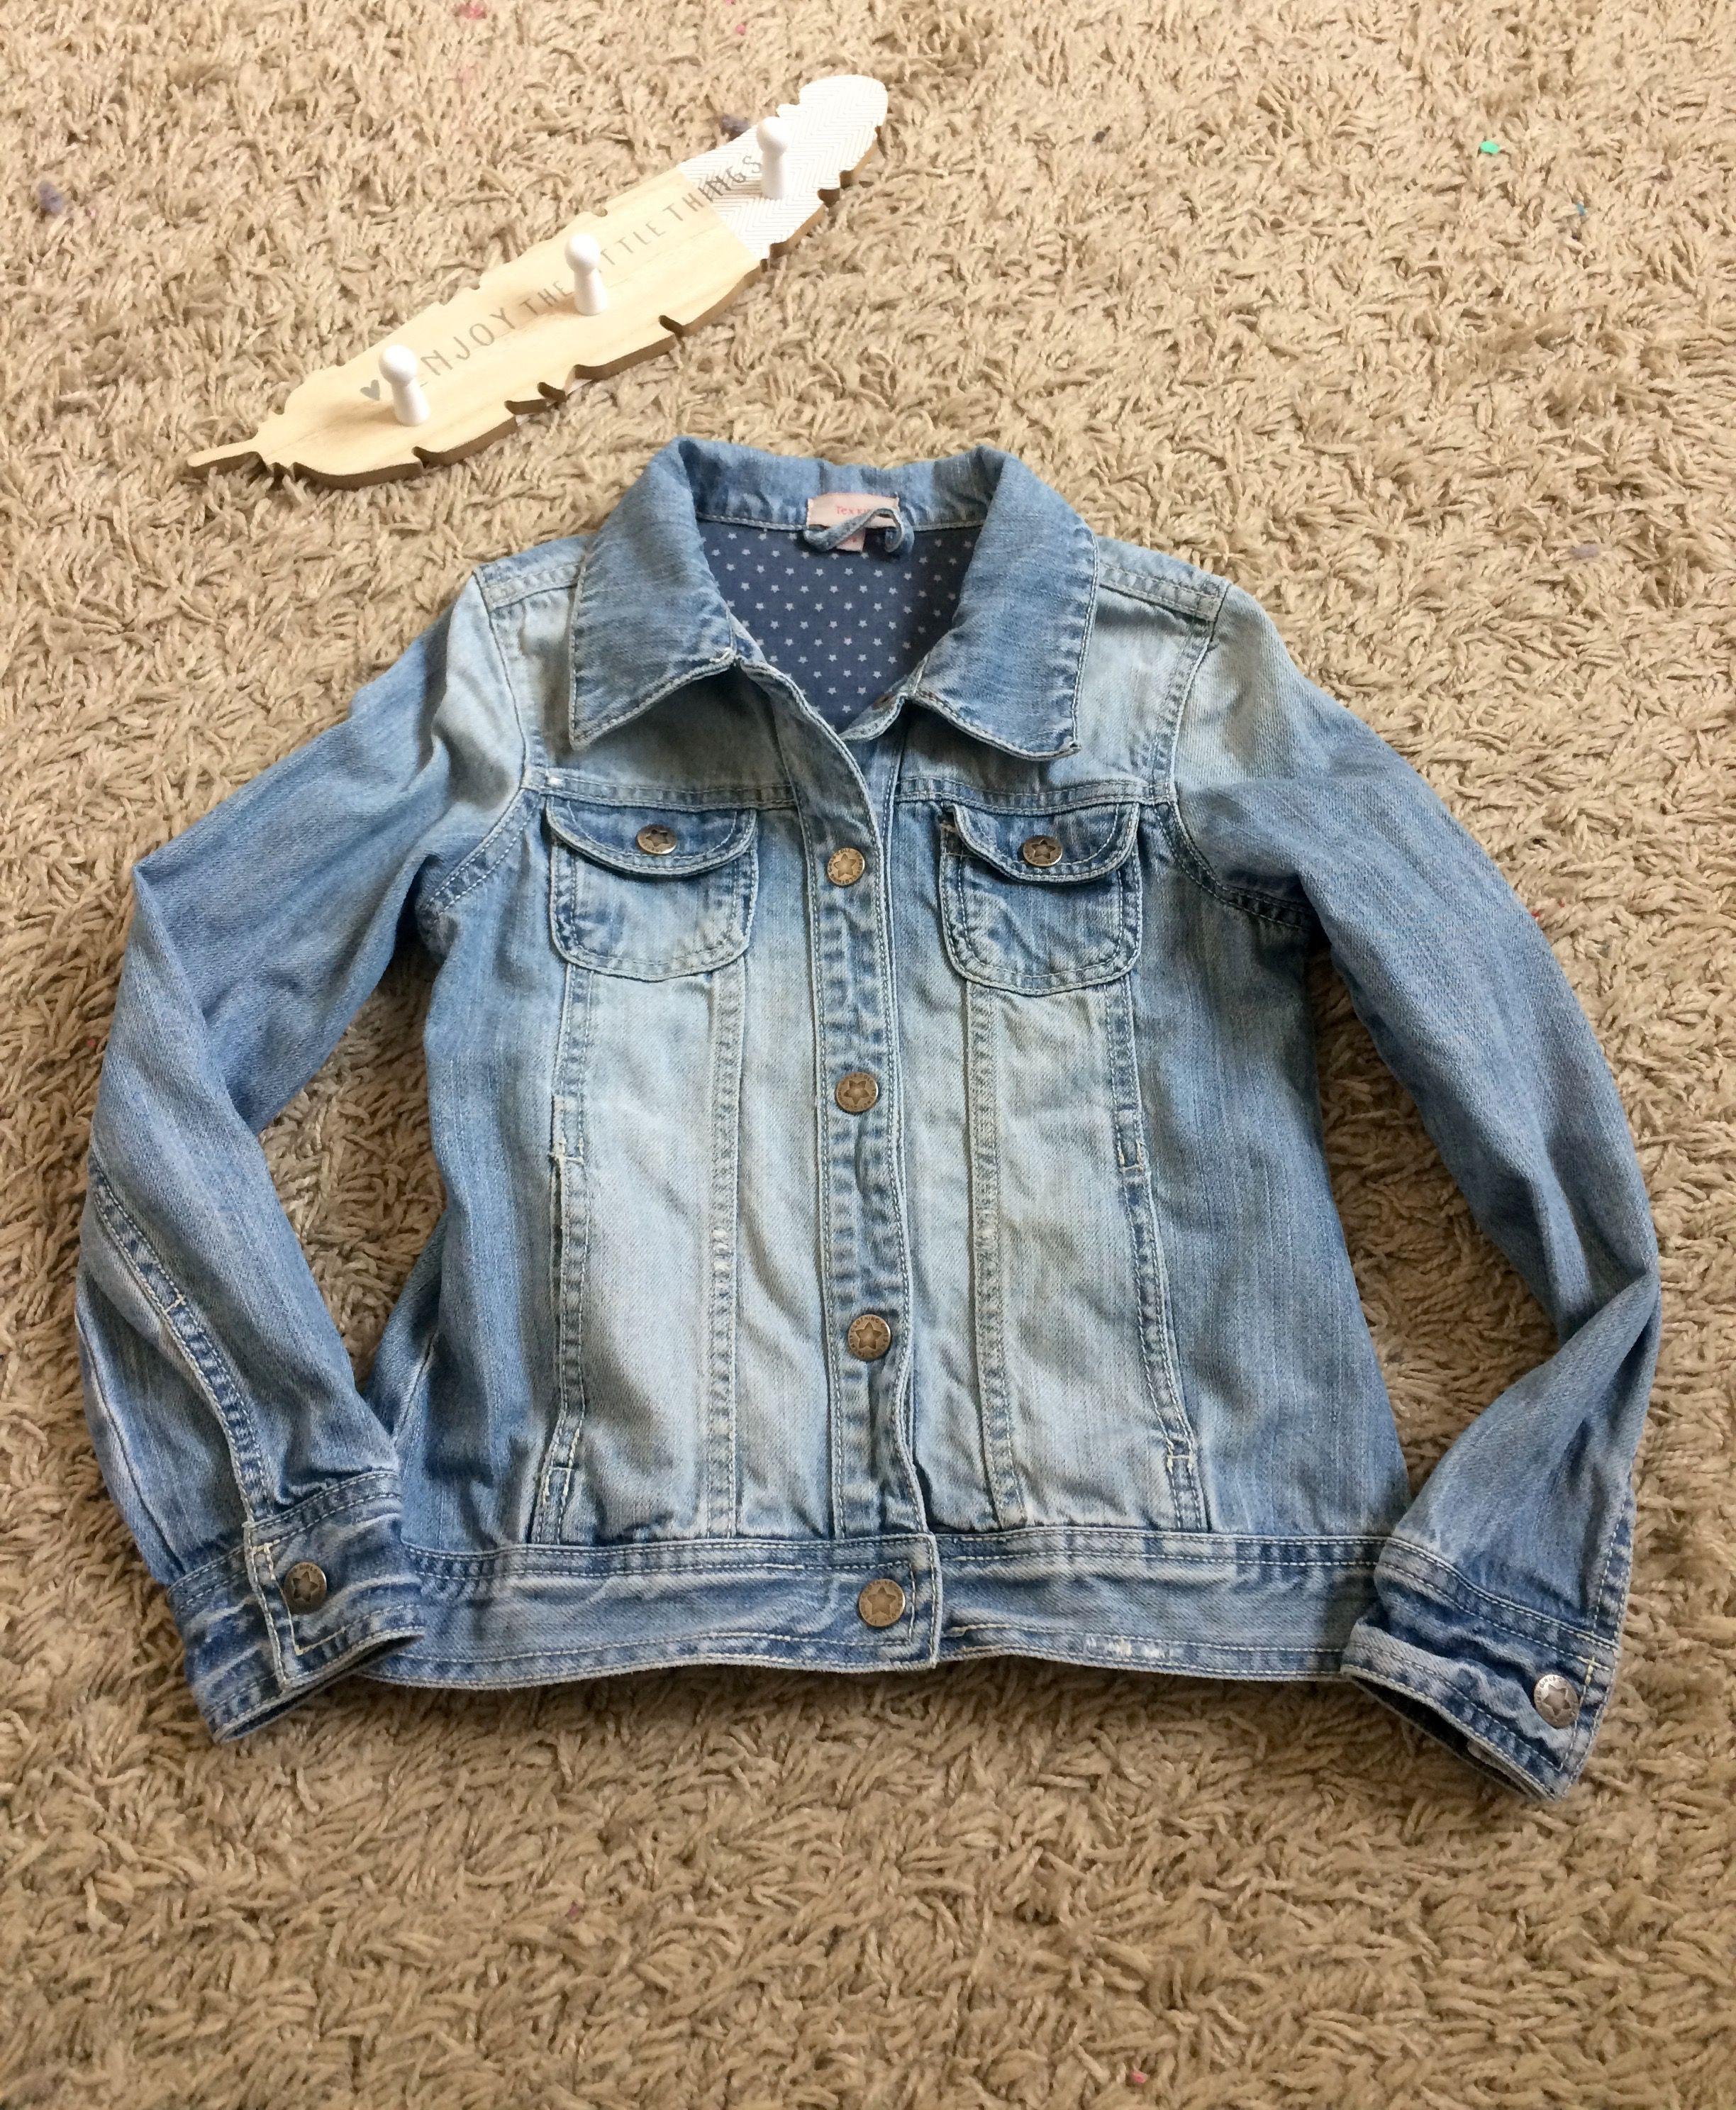 43481b6052ec6 Veste en jeans 8 ans pour fille #tex #texkids | Shop Emeraude by Mya ...